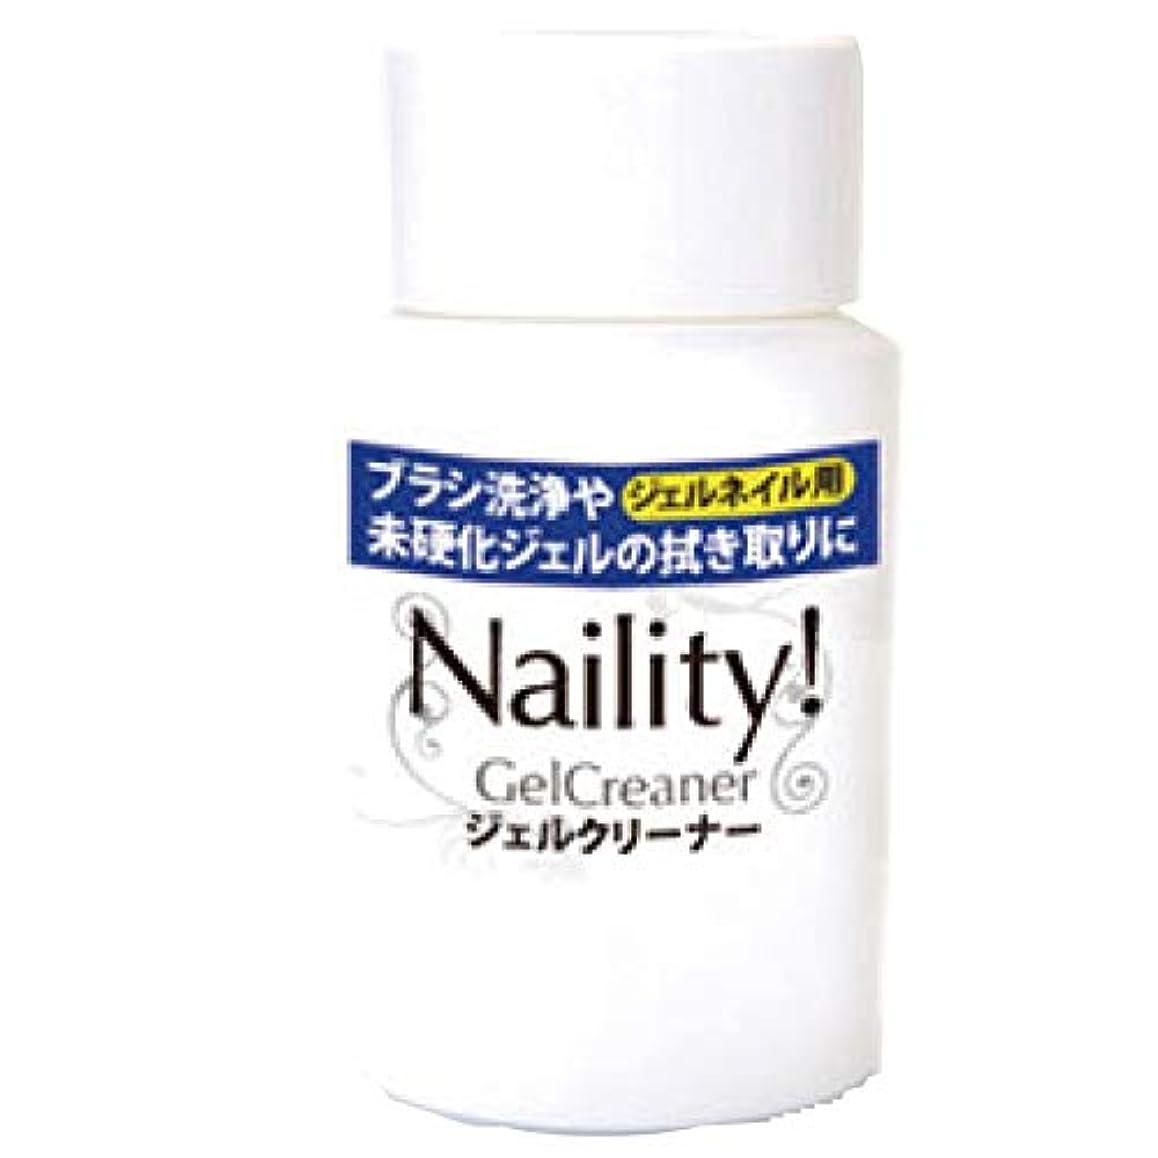 聖職者記念日中絶Naility! ジェルクリーナー (リフィル) 500mL